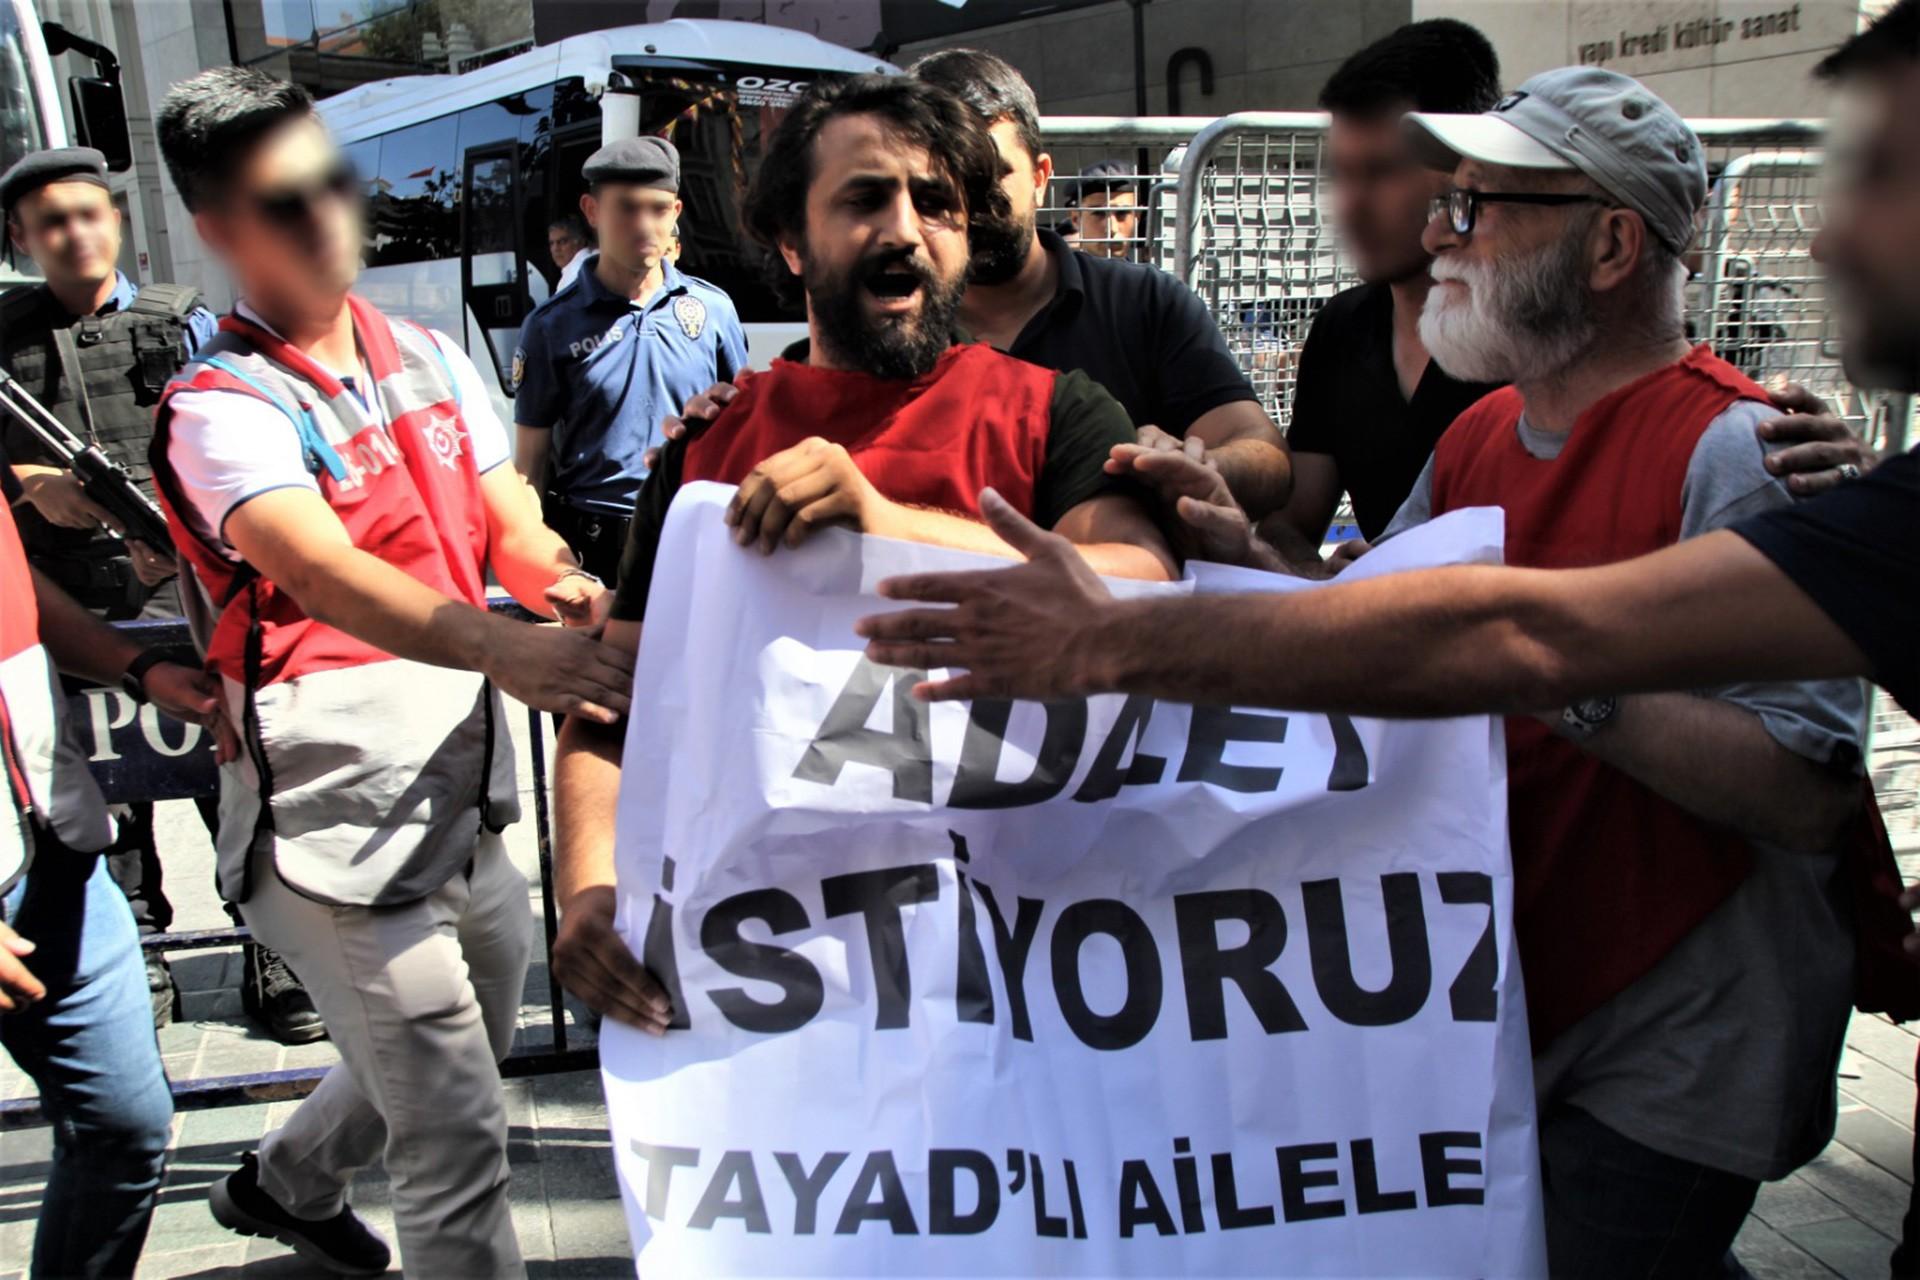 TAYAD'lı Aileler'den Galatasaray Meydanı'nda eylem: 2 gözaltı